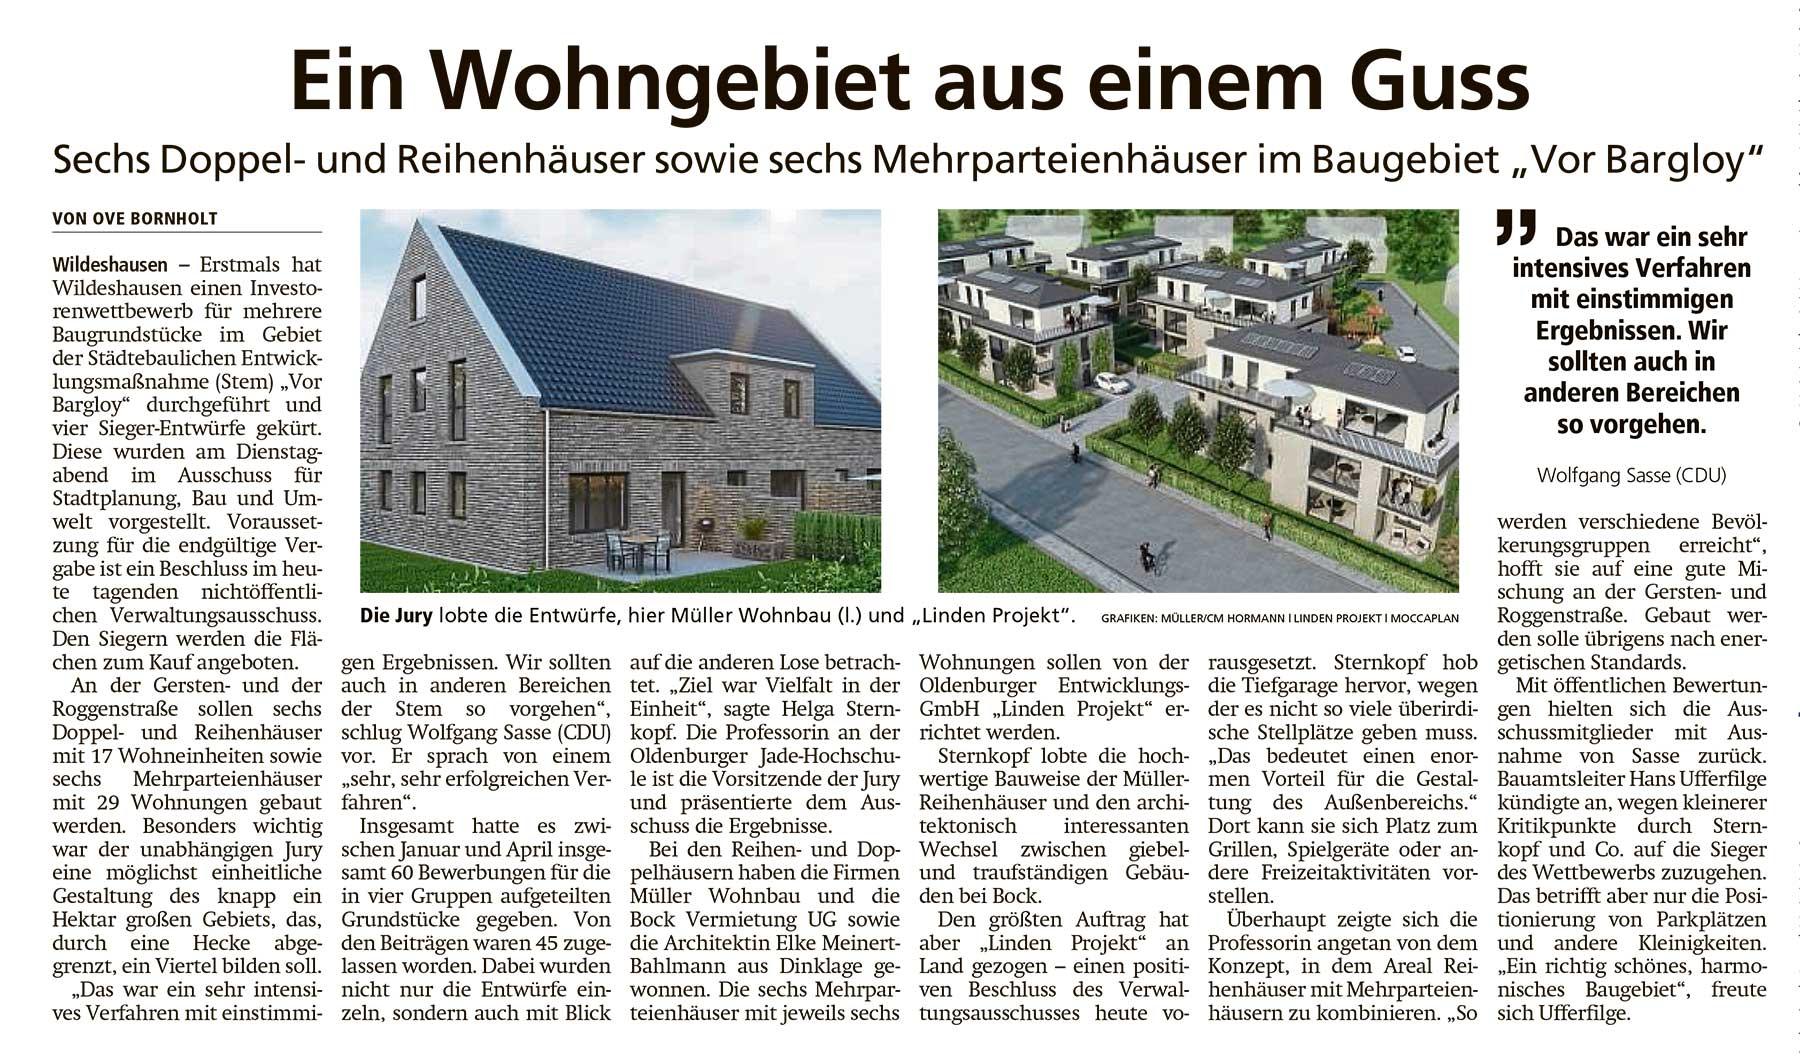 Ein Wohngebiet aus einem GussSechs Doppel- und Reihenhäuser sowie sechs Mehrparteienhäuser im Baugebiet 'Vor Bargloy'Artikel vom 08.07.2021 (WZ)